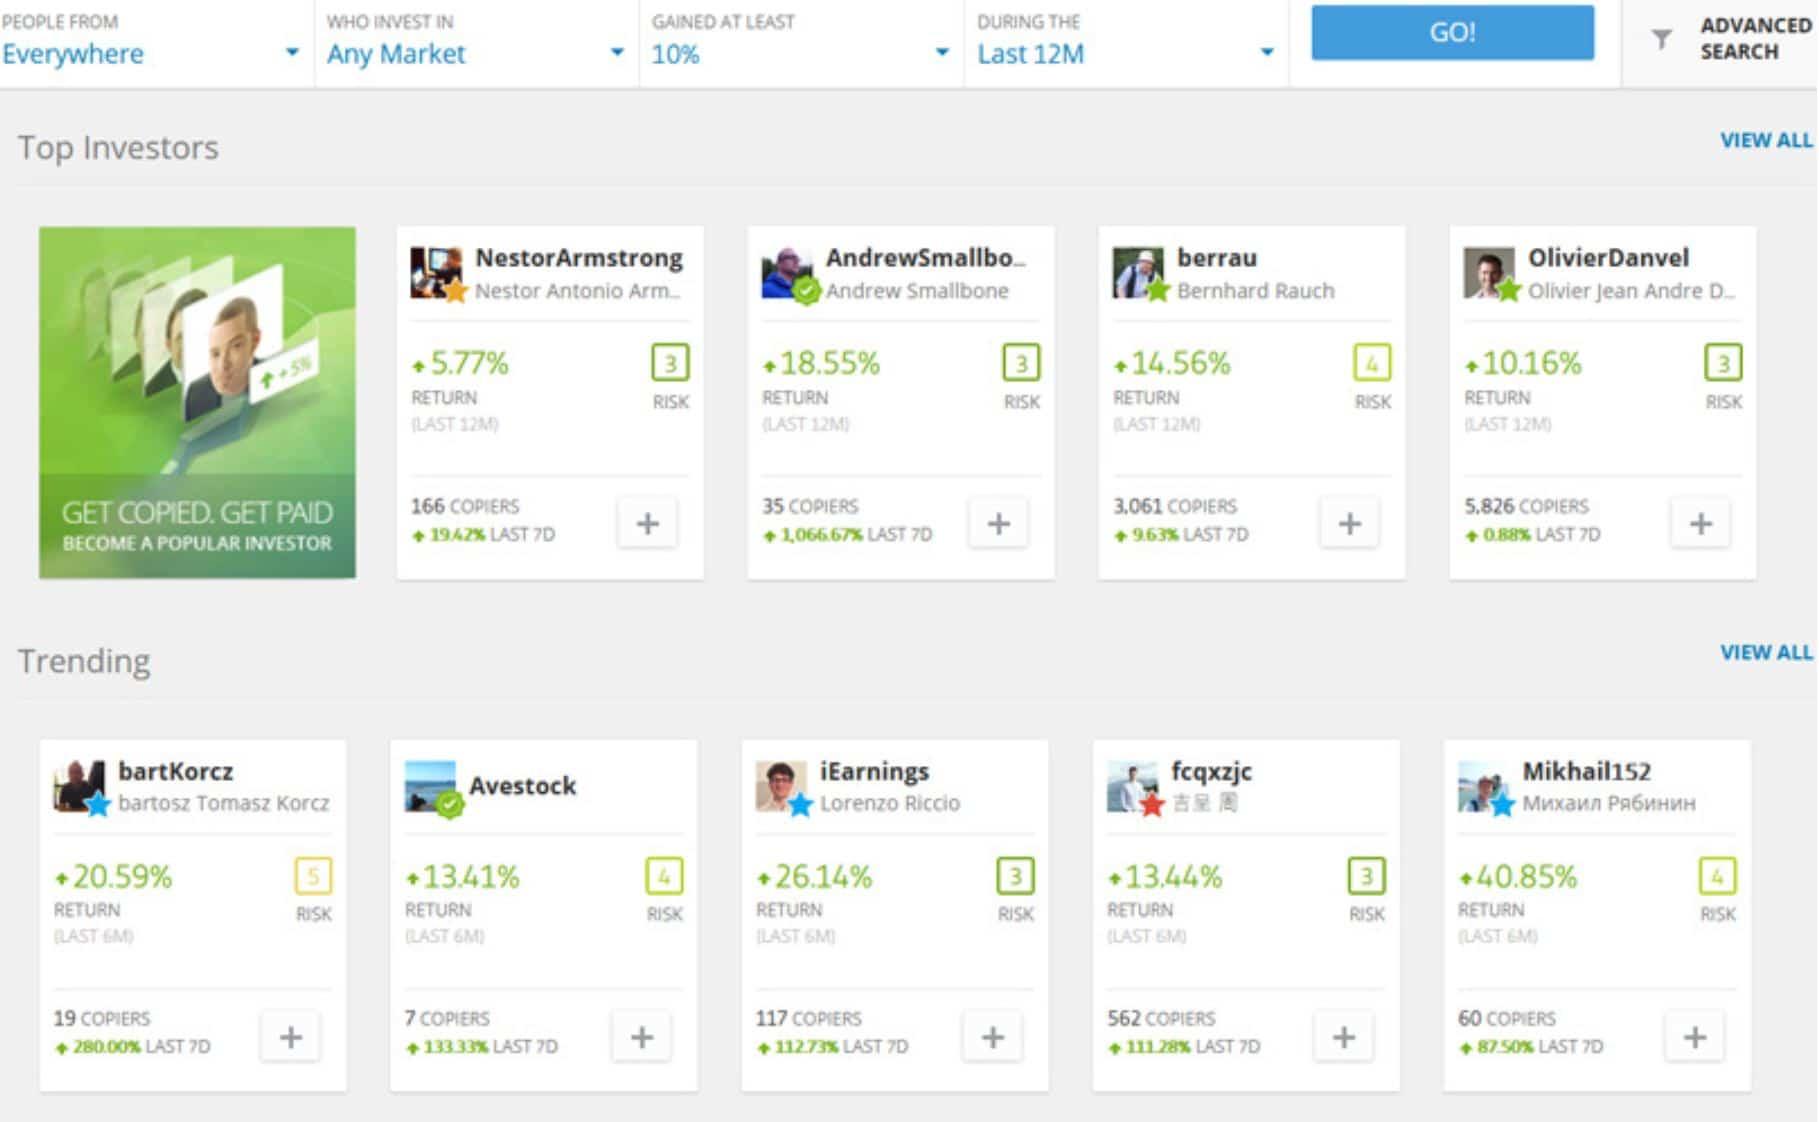 eToro Social Trading Network